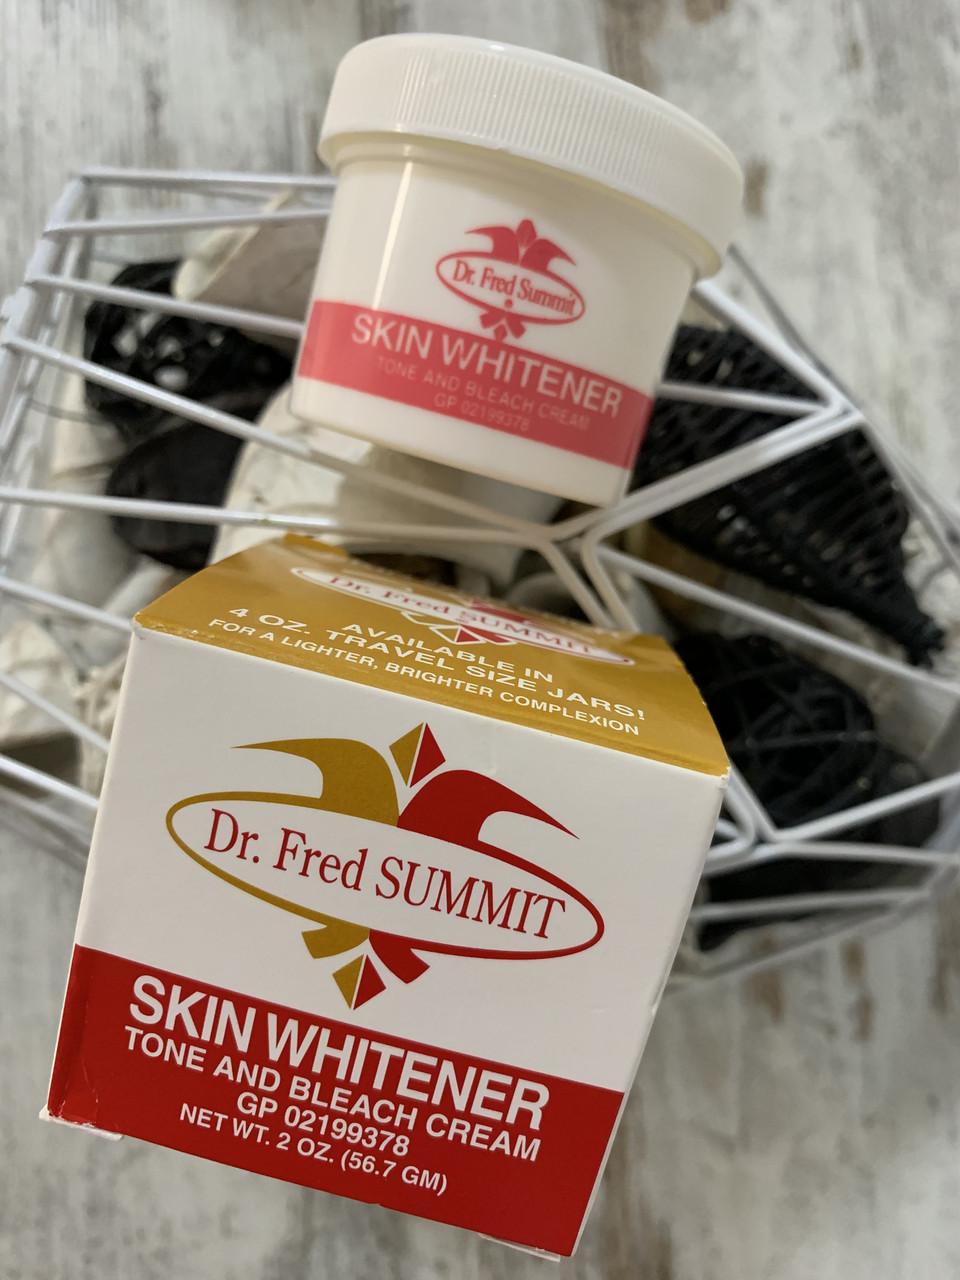 Отбеливающий крем от пигментации кожи DR. FRED SUMMIT Skin Whitener